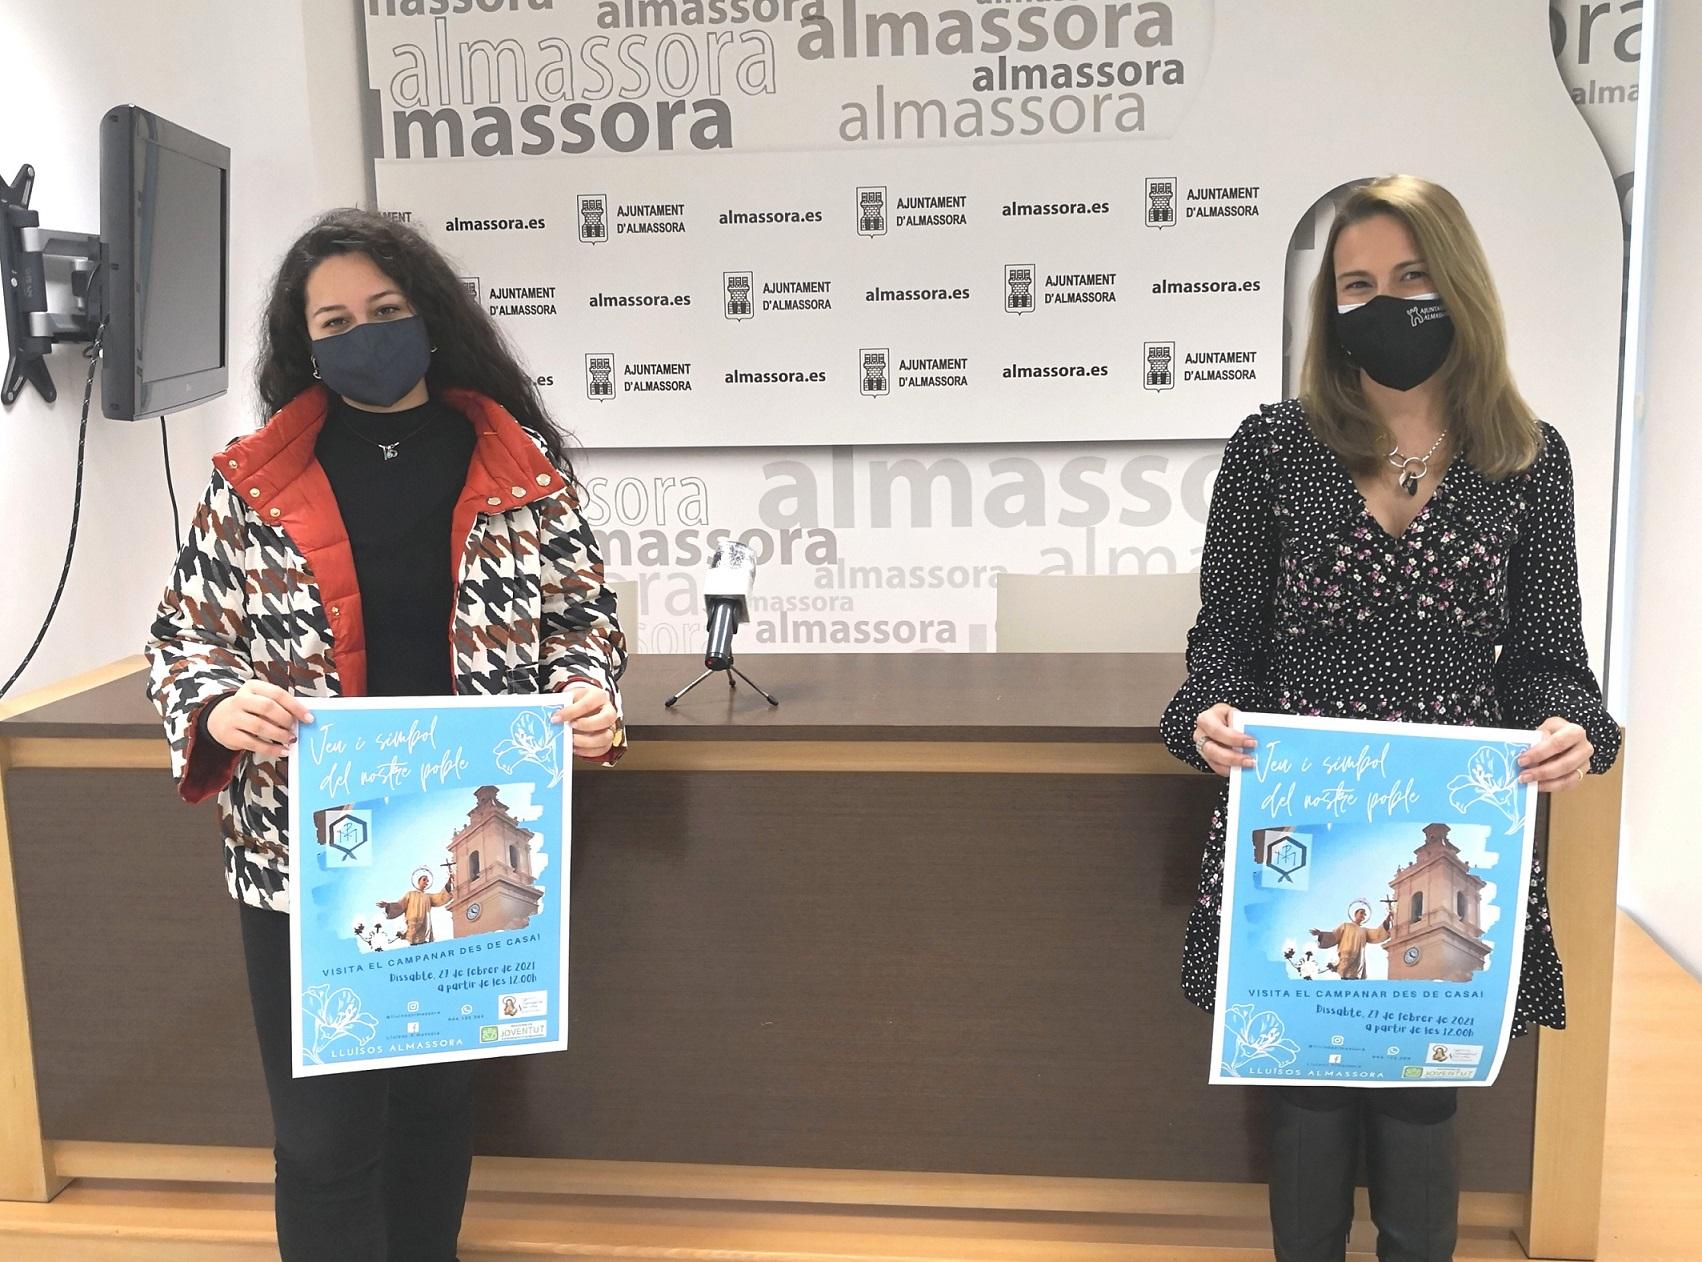 Entrevista a la vicepresidente de Lluïsos Almassora, Helena Martínez